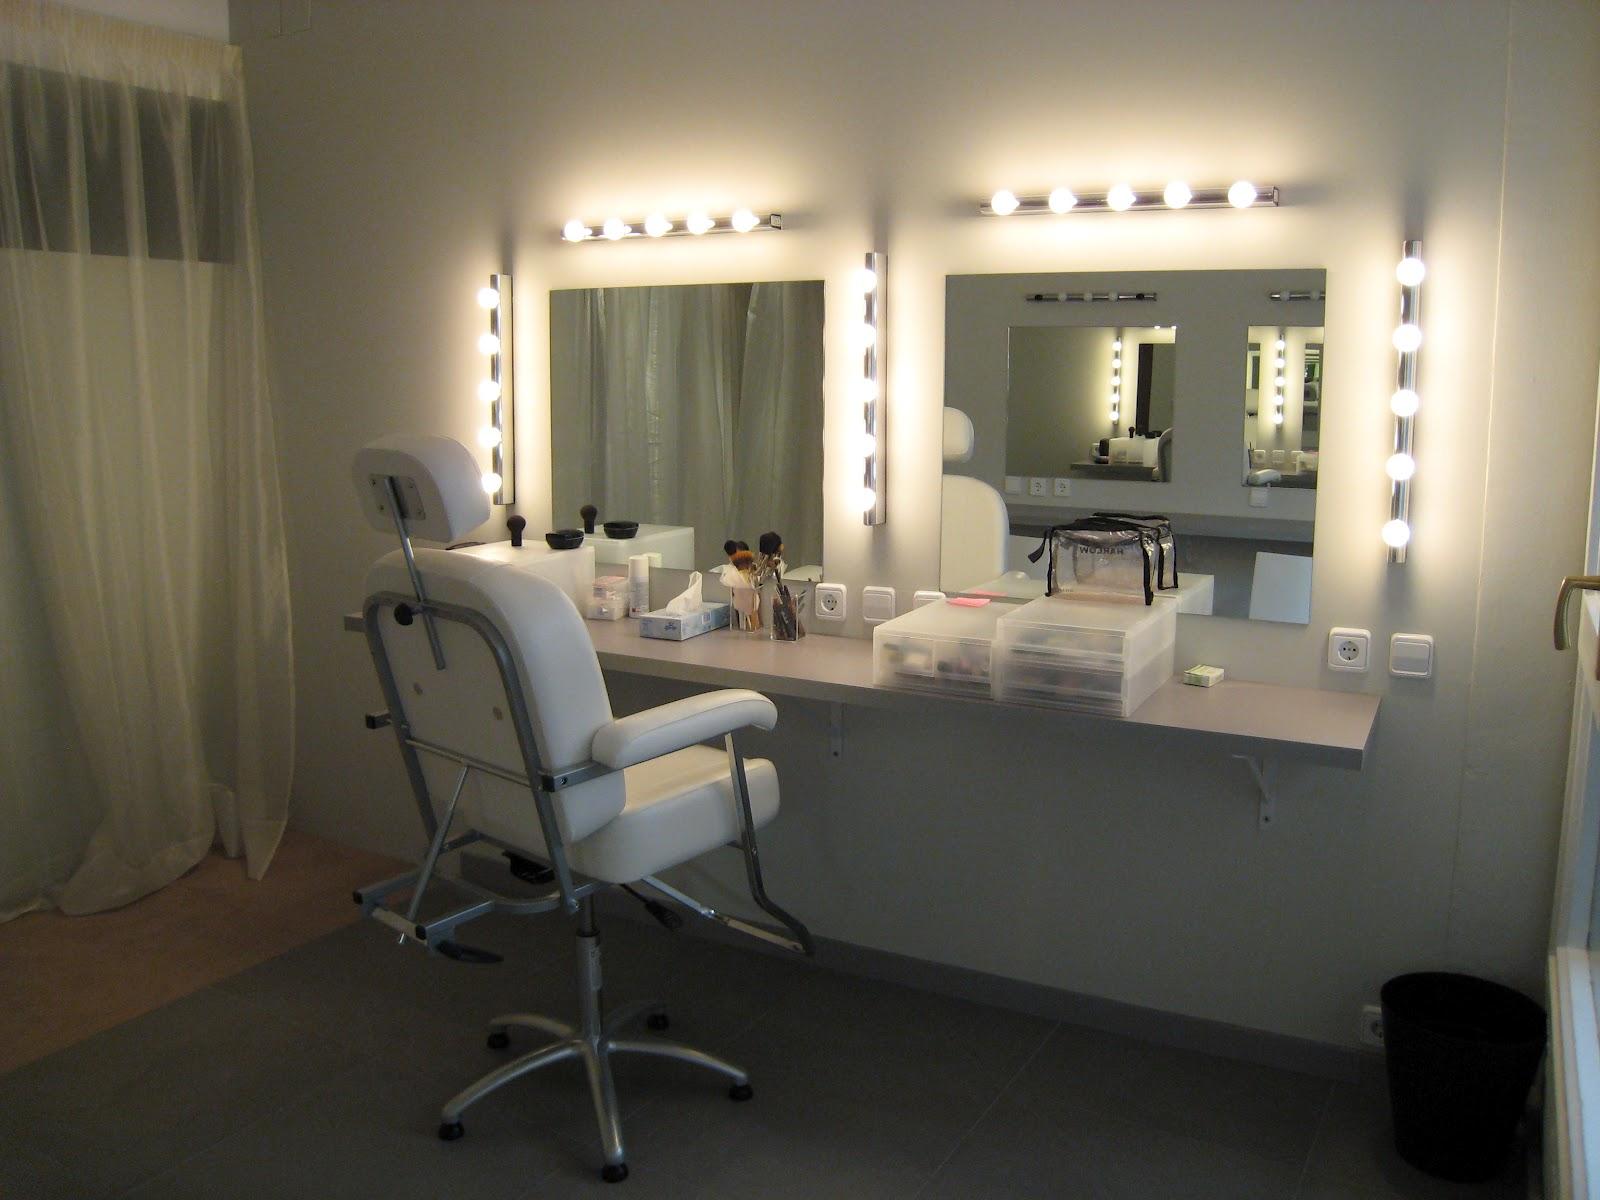 Bodas y novias by agnes sunyer beauty planner novias y - Estudio de maquillaje ...